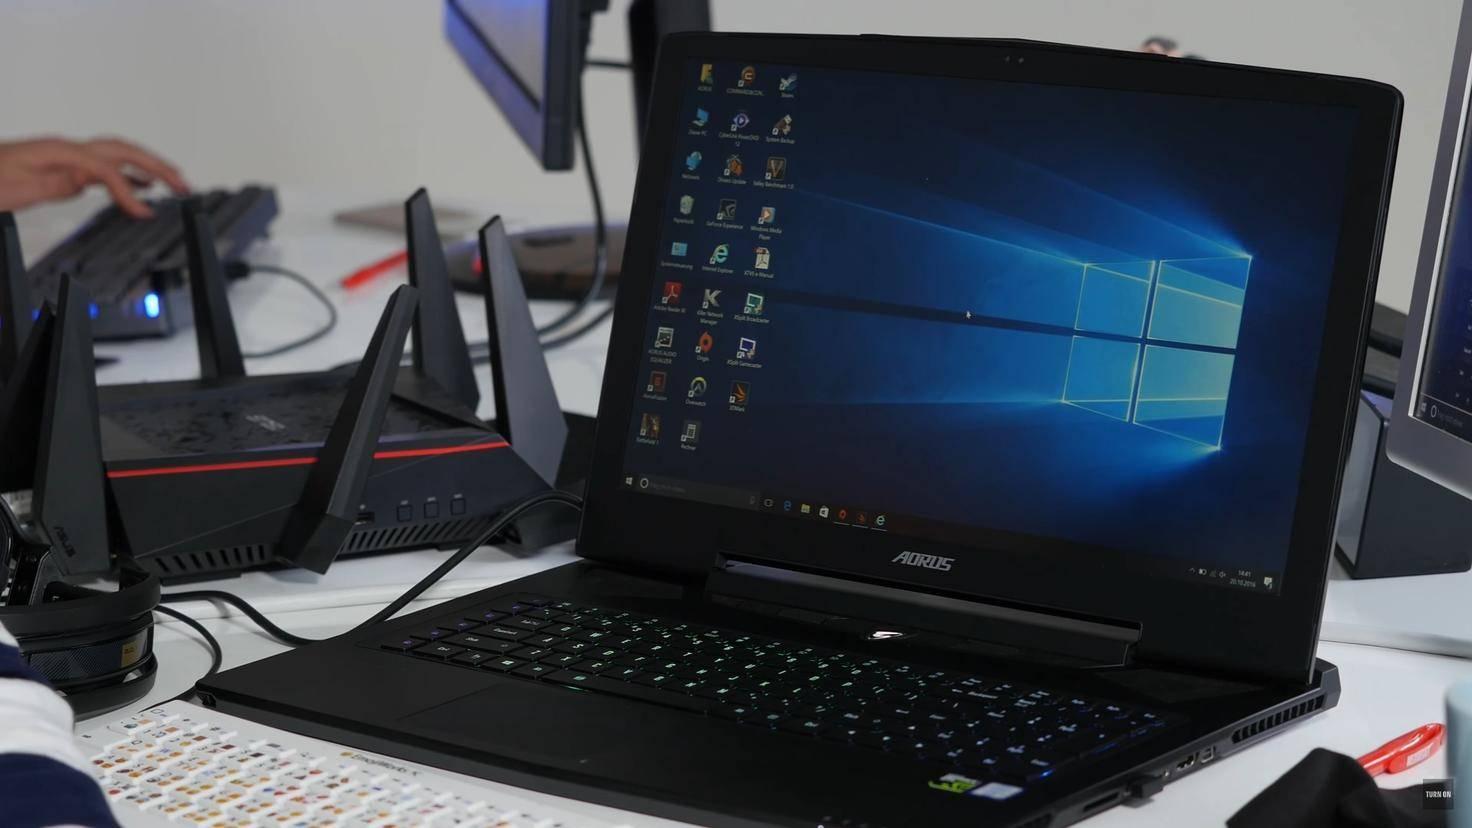 Windows-10-Laptop-Notebook-Turn-On